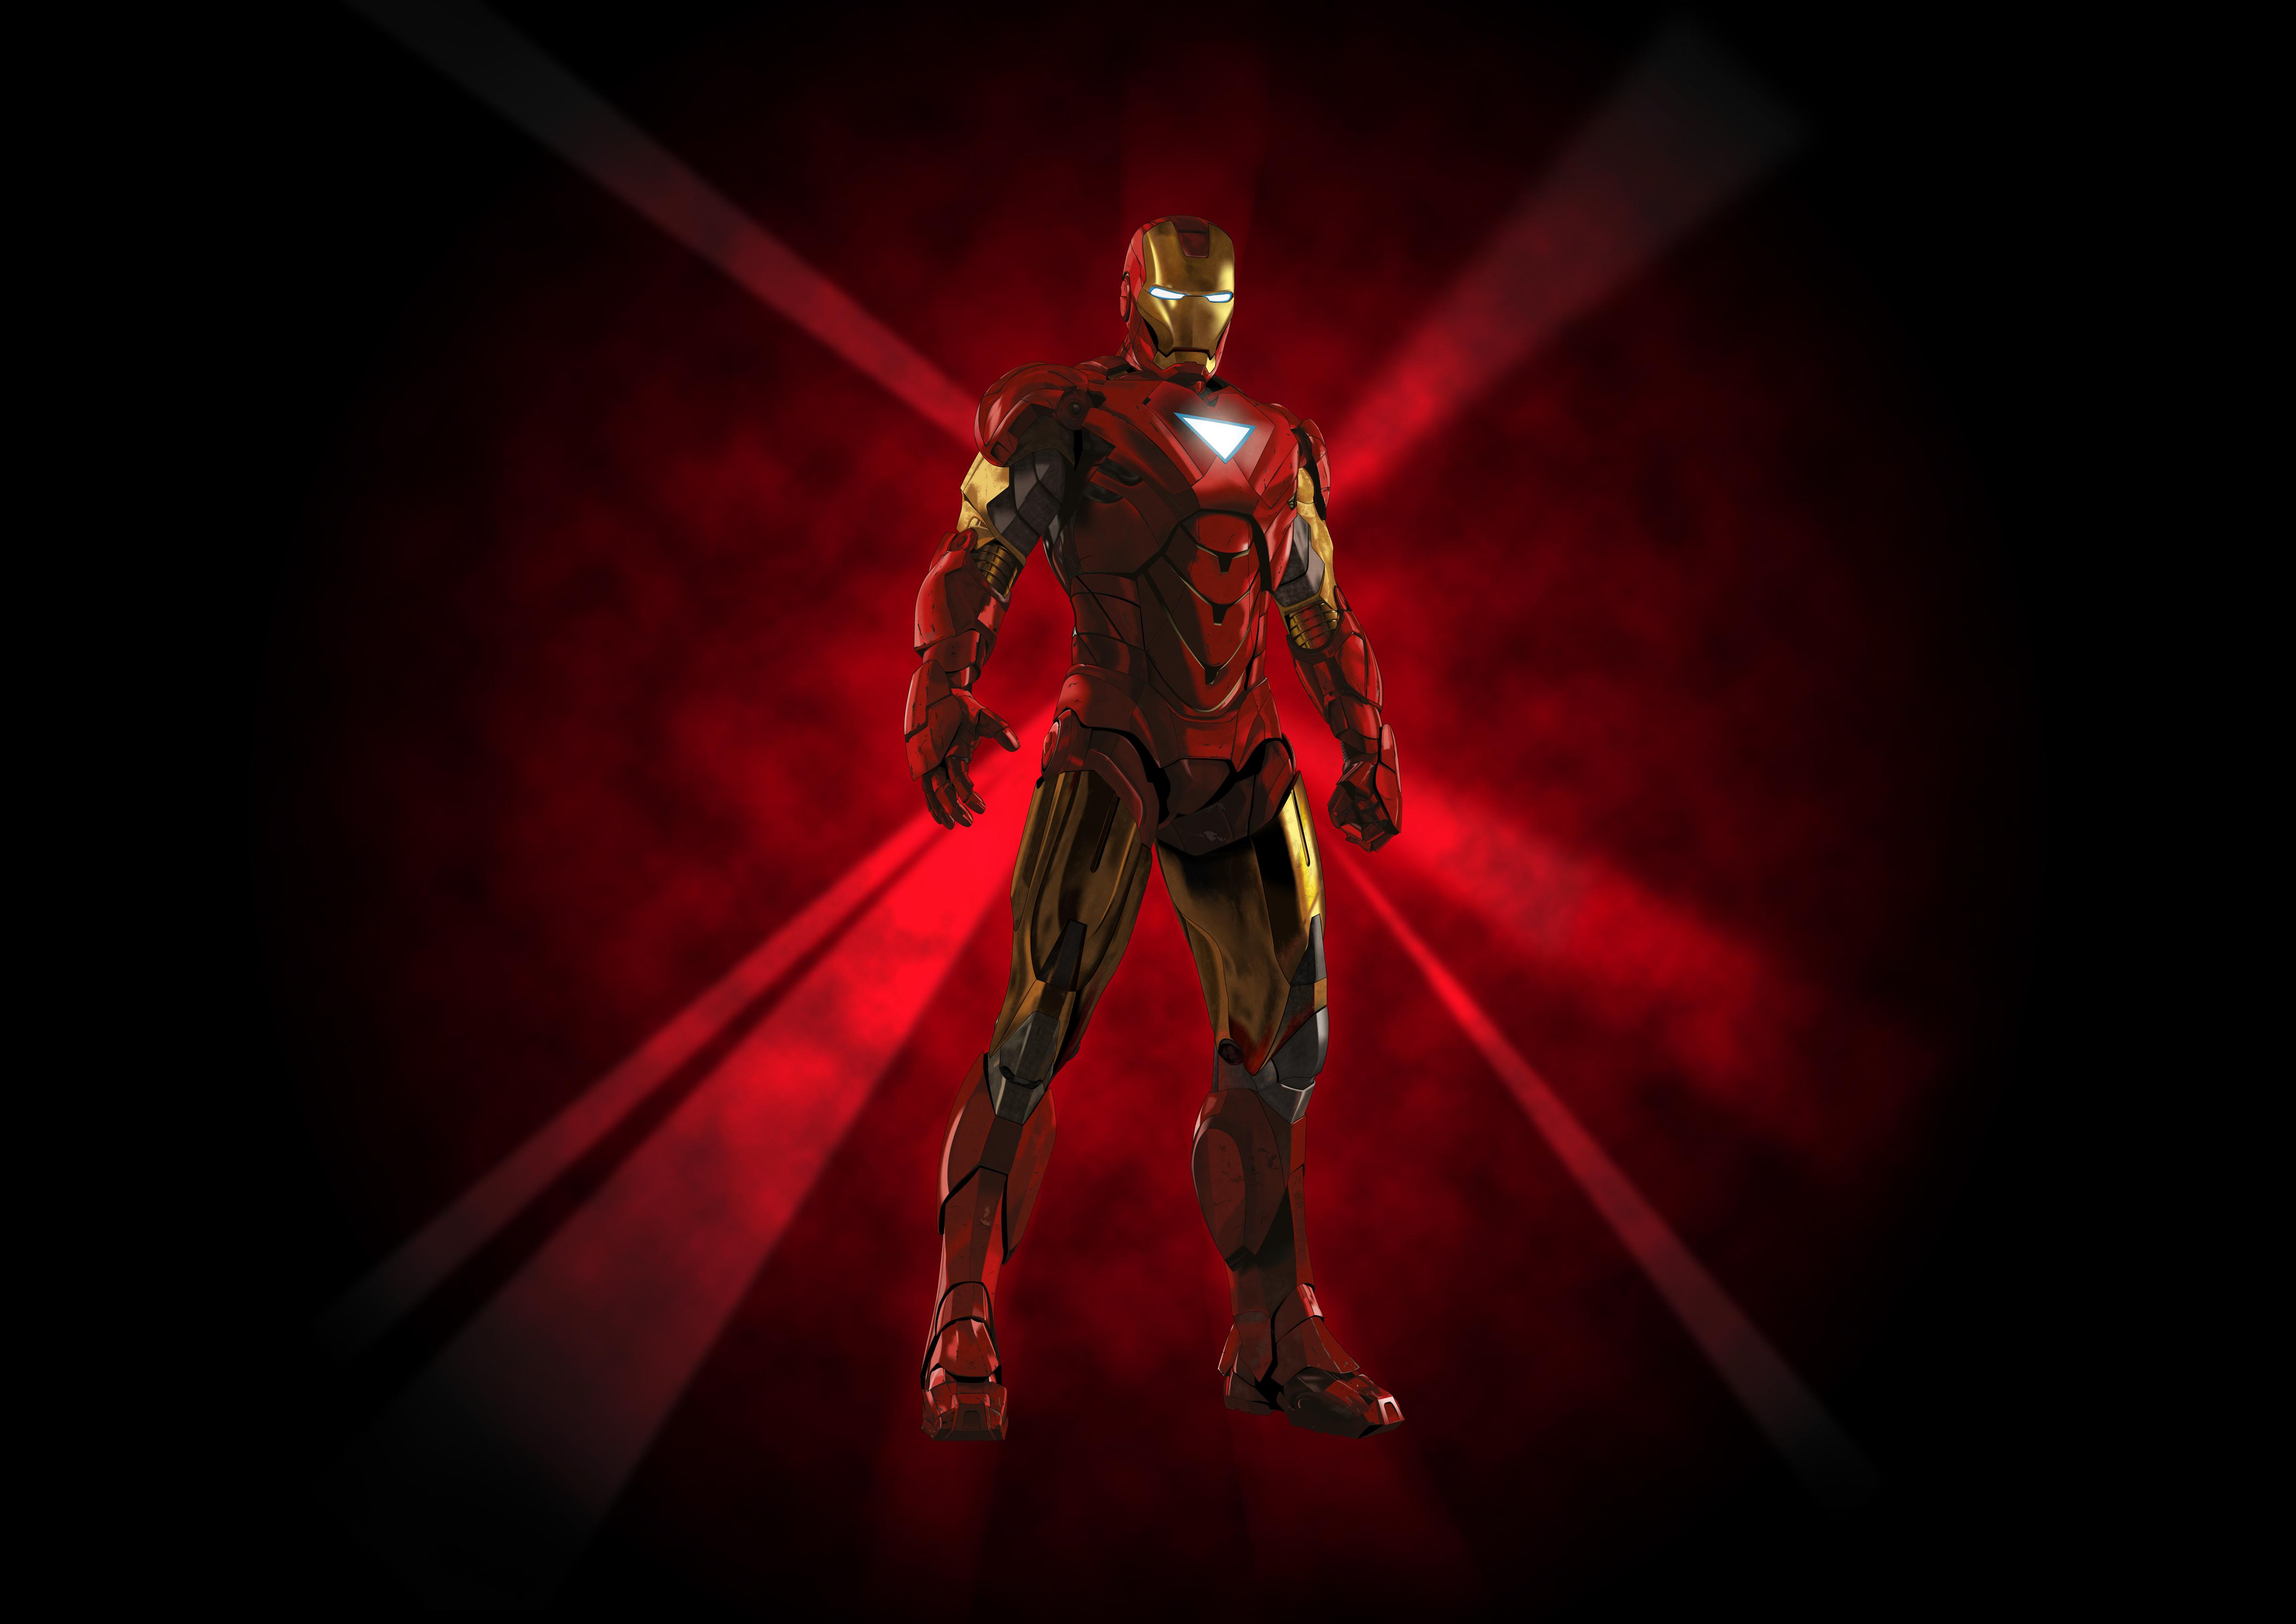 Iron man by JohanBriend on DeviantArt